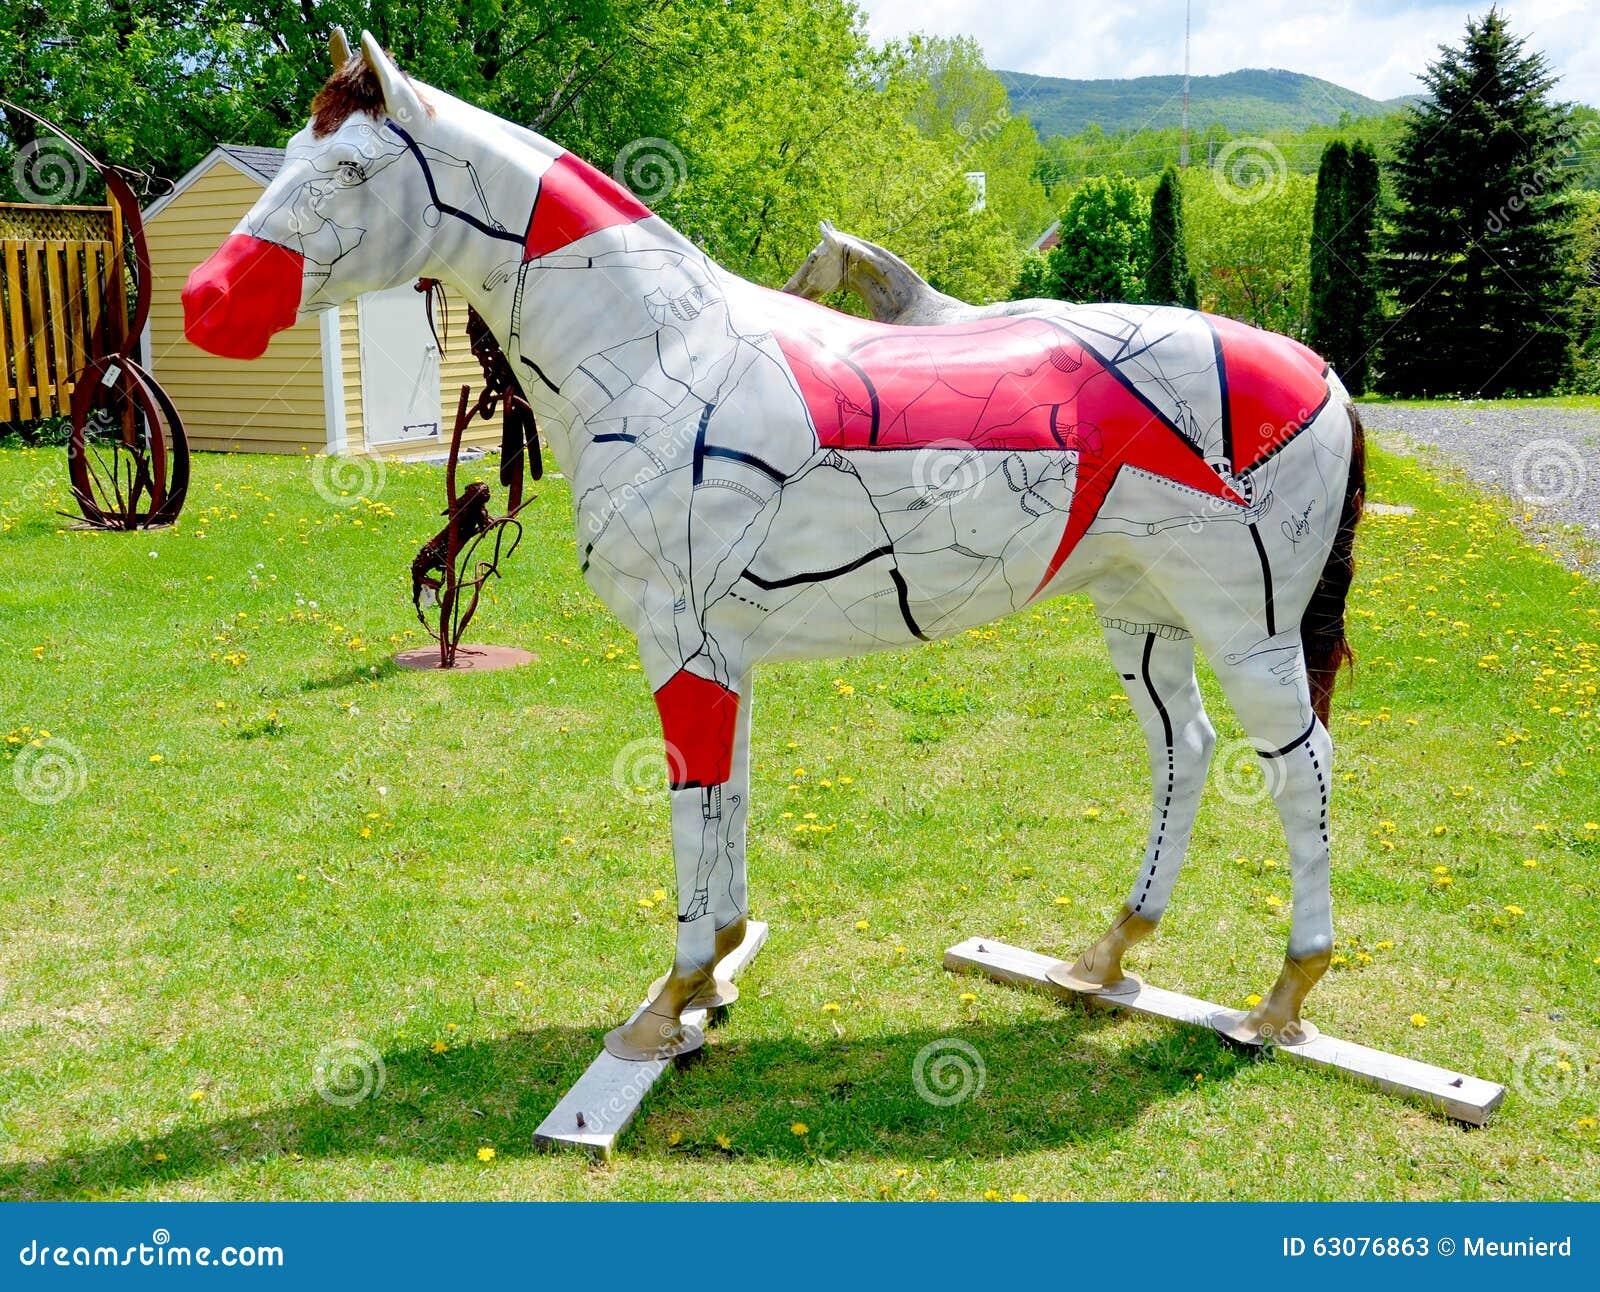 Download Statue de cheval photo stock éditorial. Image du isolat - 63076863